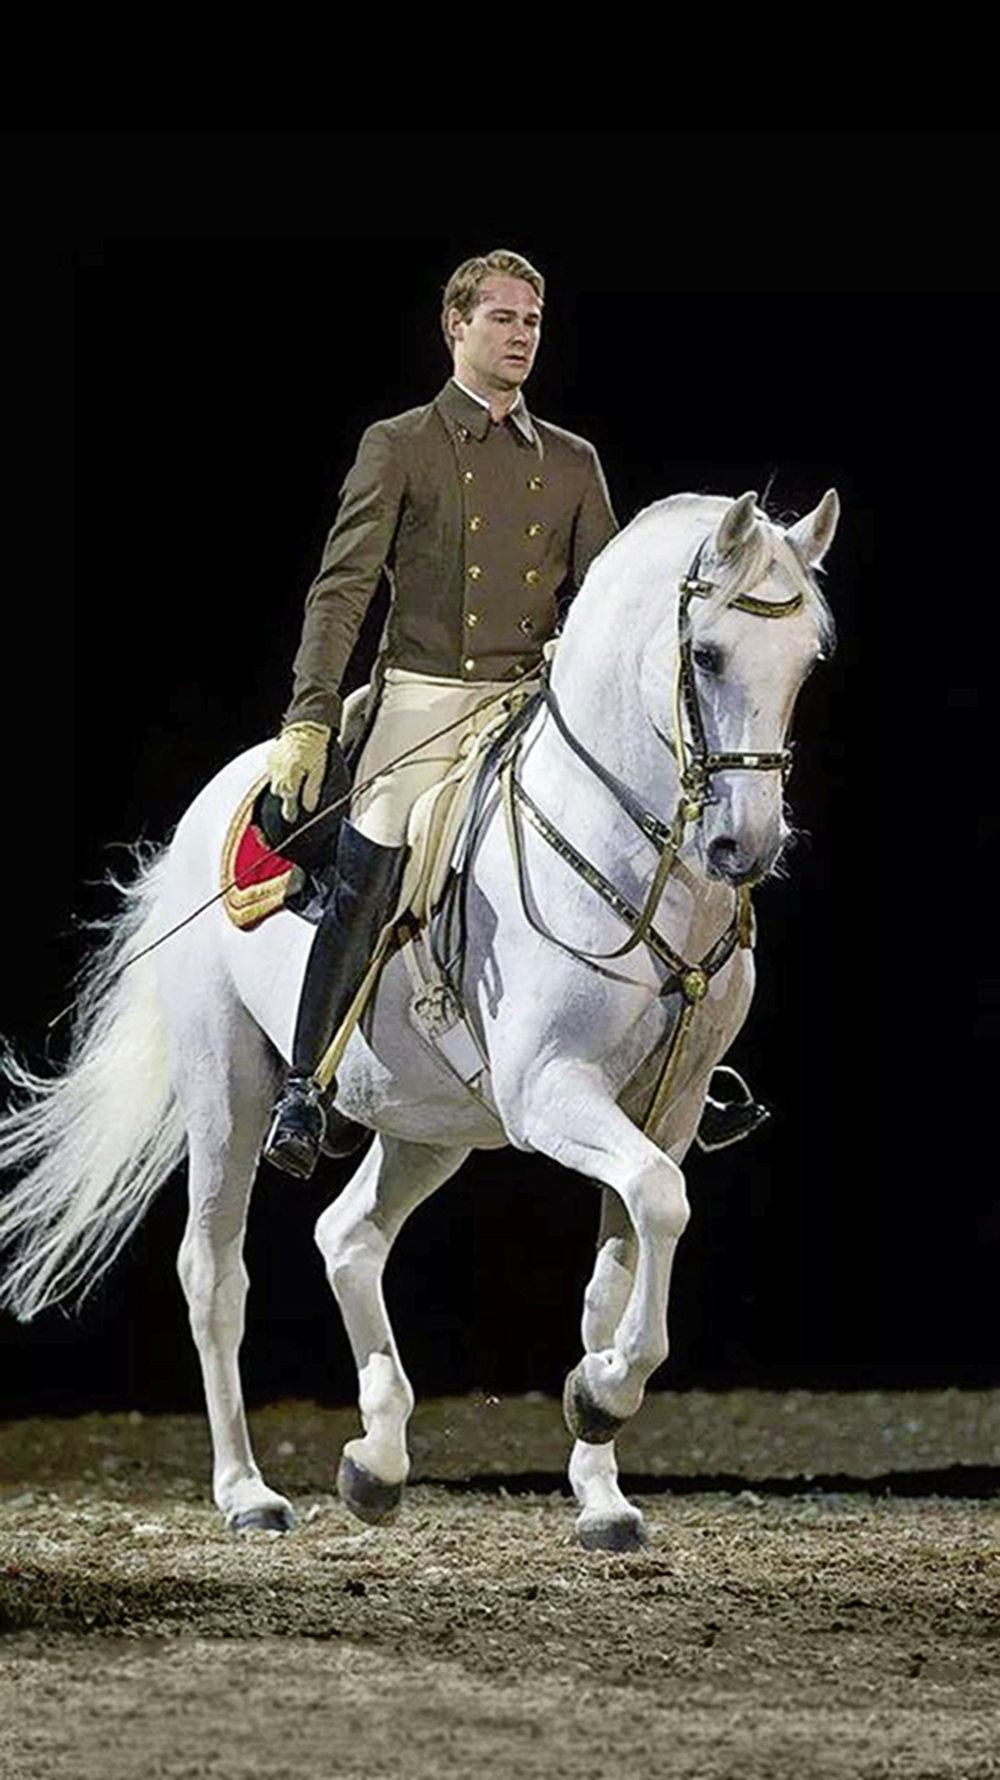 Dressage star Florian will be strutting his stuff